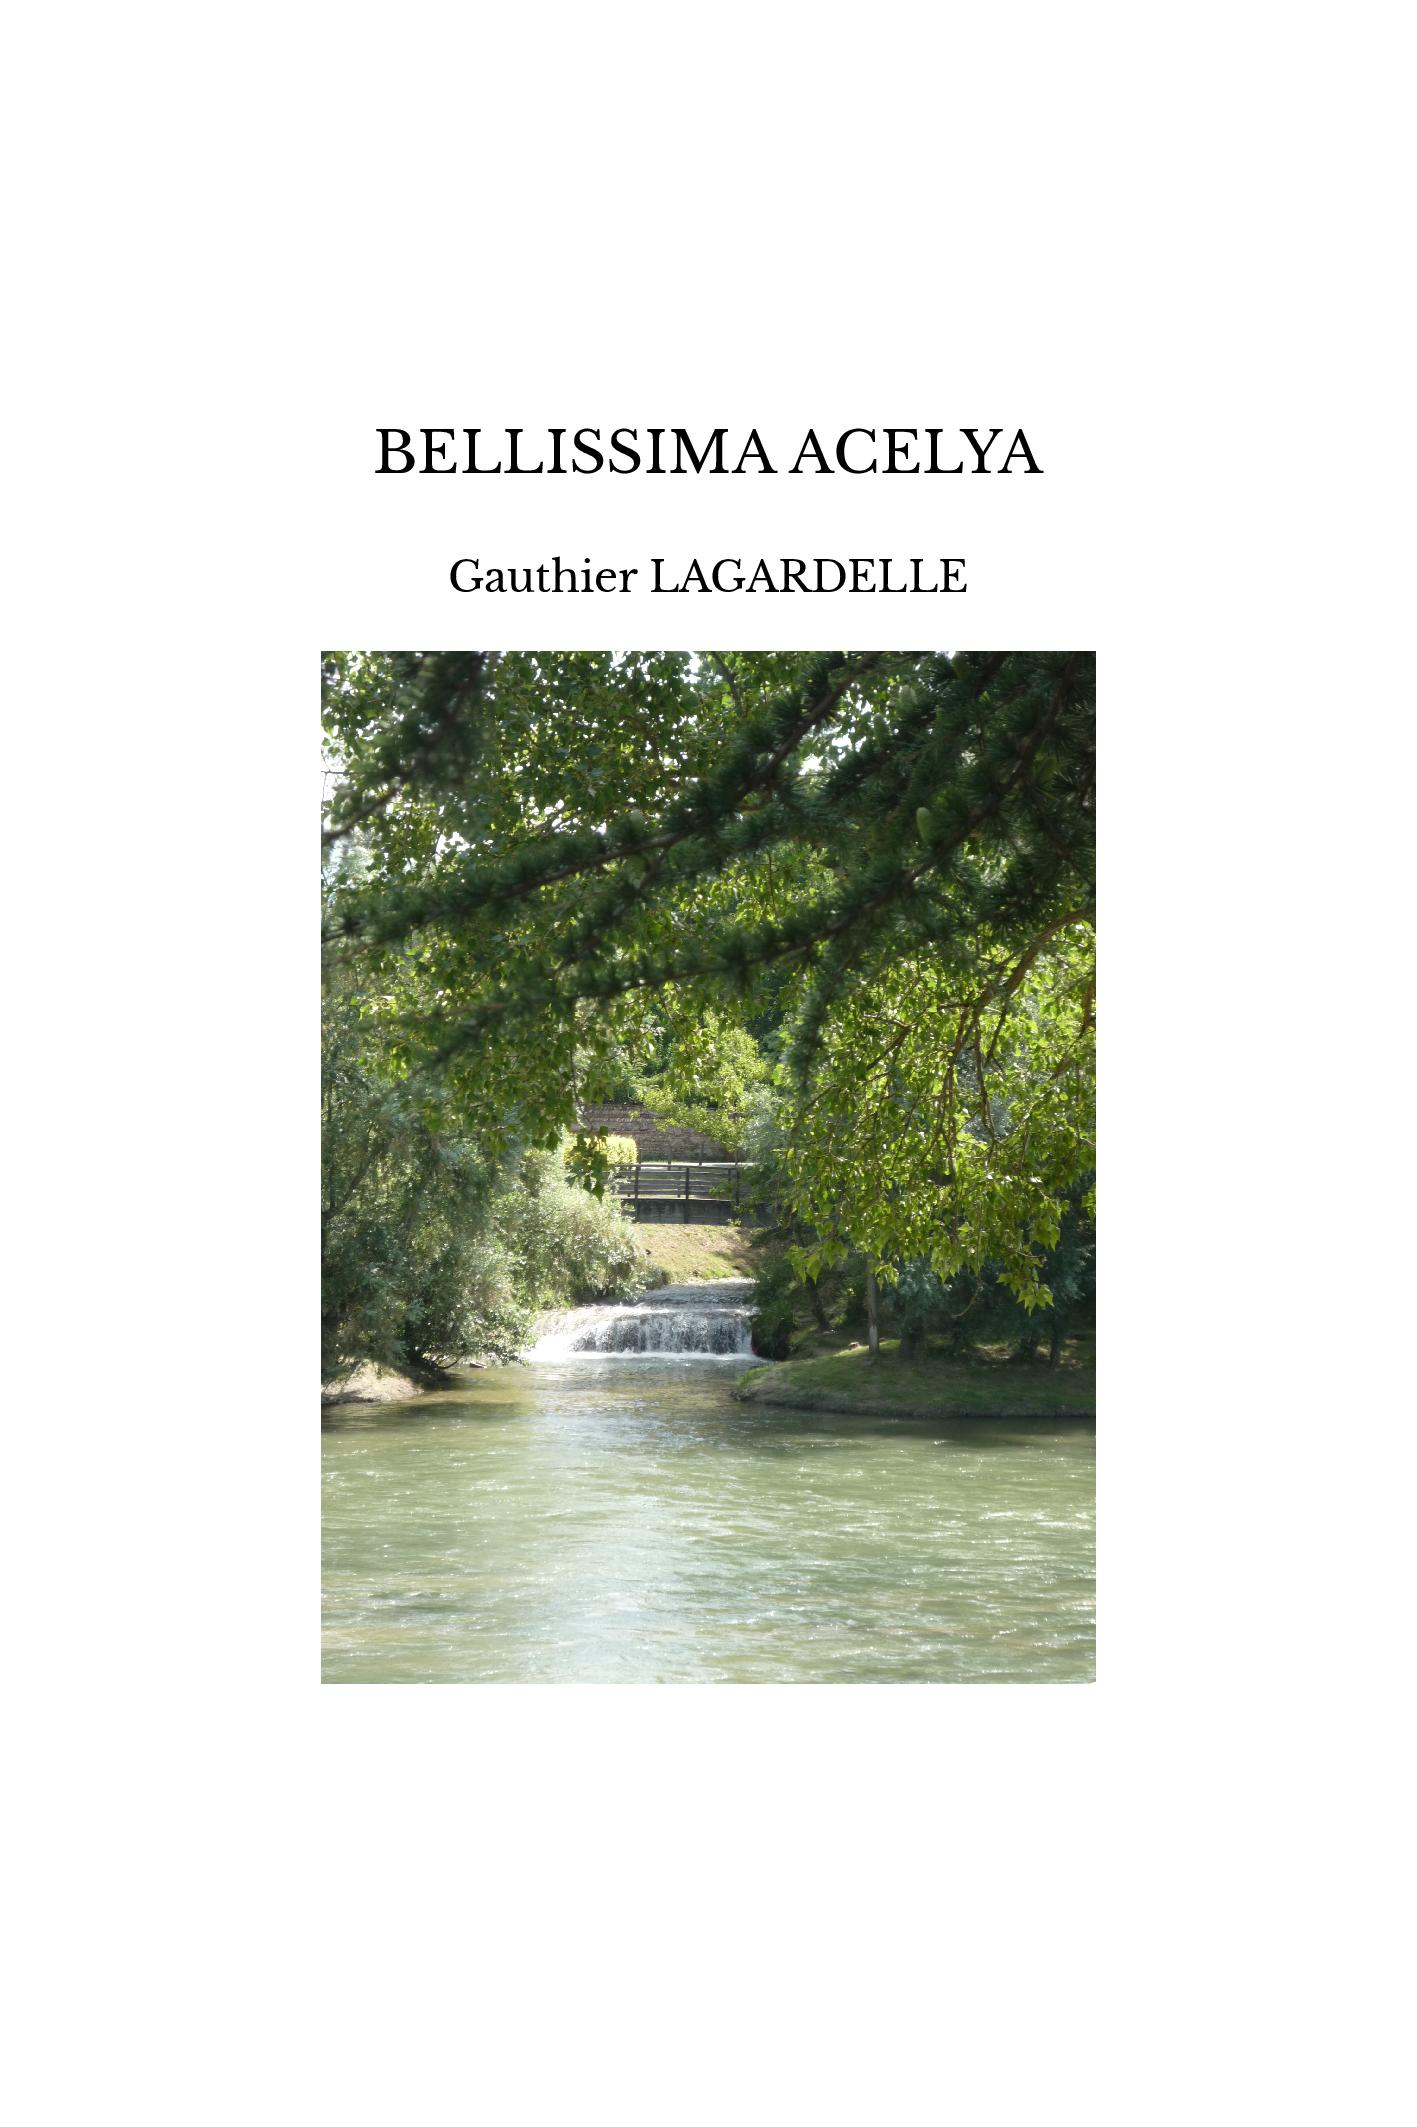 BELLISSIMA ACELYA